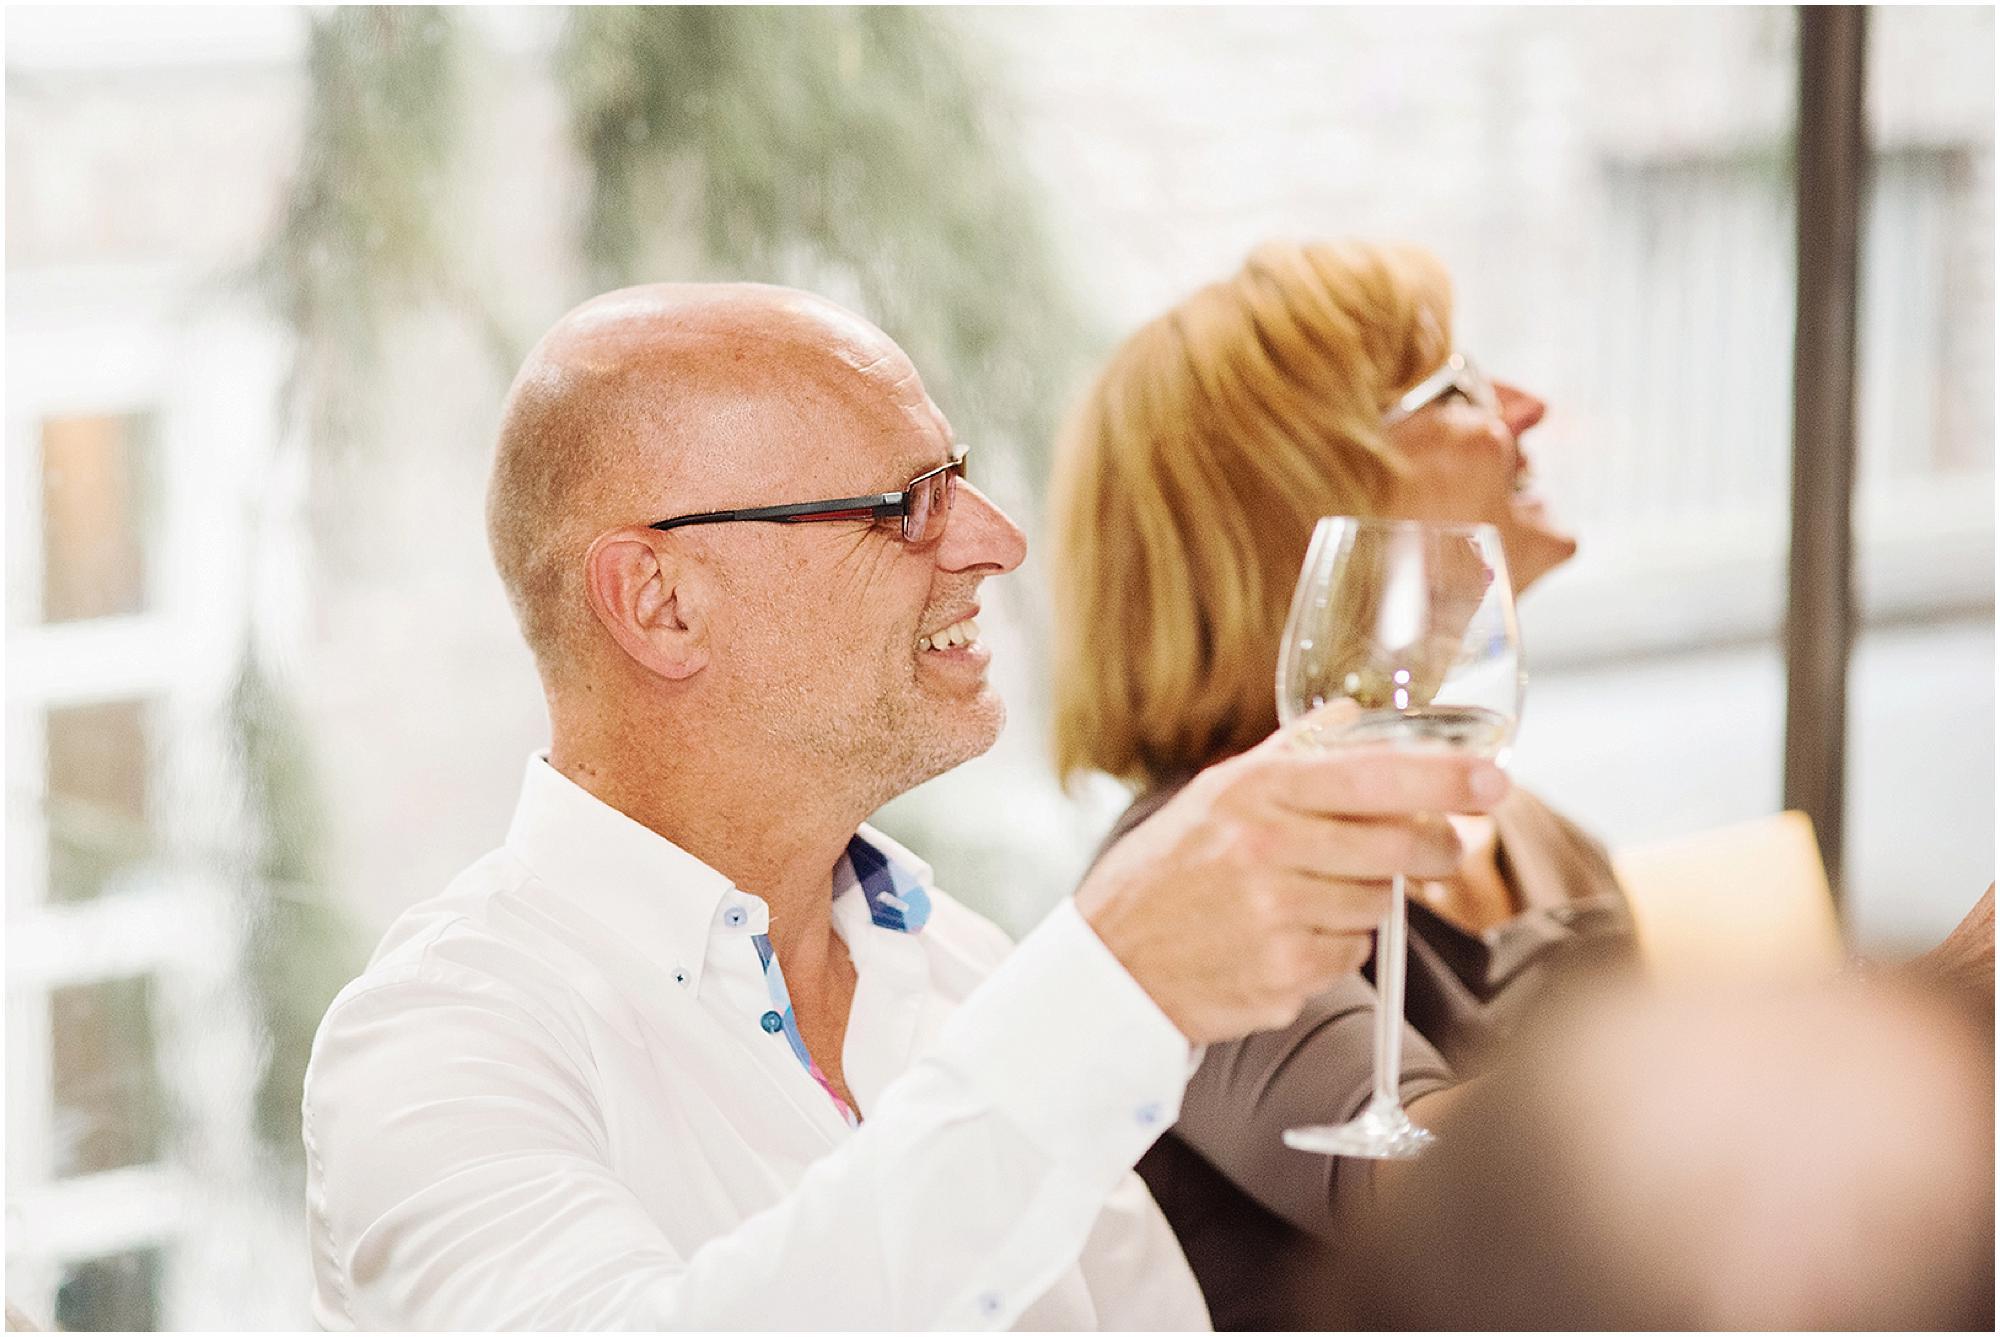 Bruidsreportage Limburg, Bruidsreportages Roermond, Kasteeltje Hattem, trouwen kasteeltje Hattem, trouwen Hattem, trouwfotograaf Limburg, trouwfotograaf Hattem, bruidsfotograaf Limburg, bruidsfotograaf Roermond, trouwfotograaf Roermond